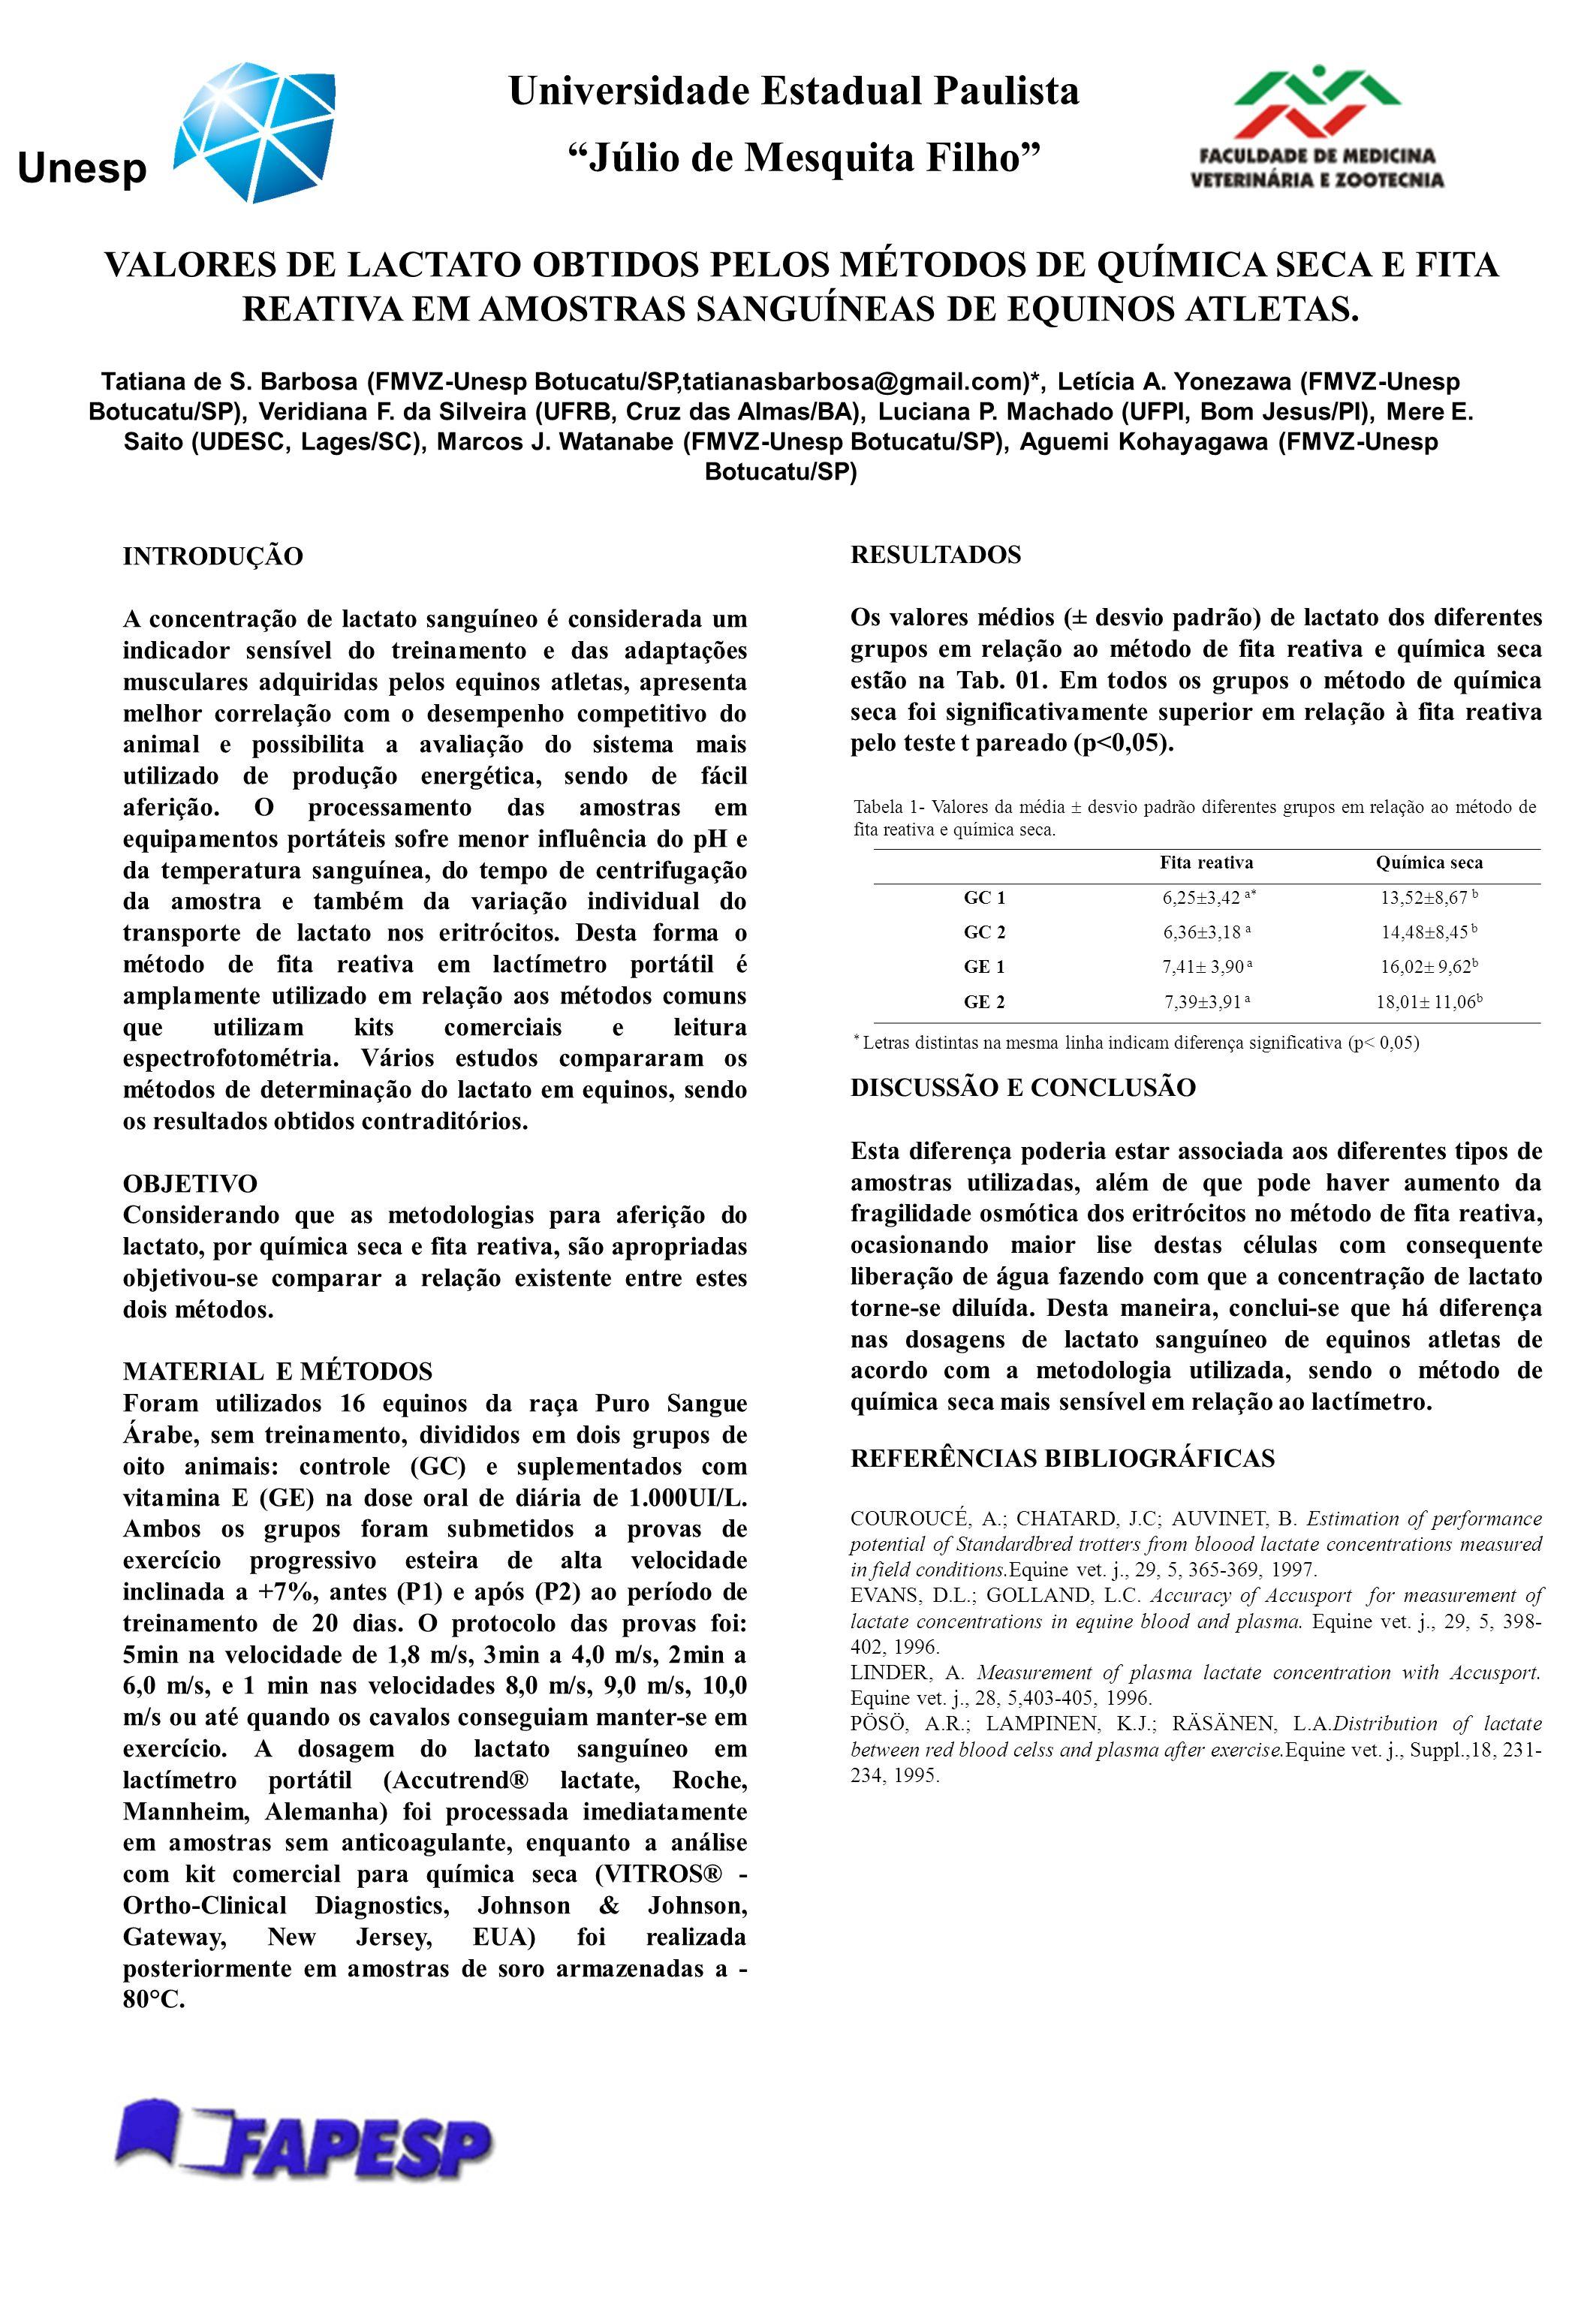 VALORES DE LACTATO OBTIDOS PELOS MÉTODOS DE QUÍMICA SECA E FITA REATIVA EM AMOSTRAS SANGUÍNEAS DE EQUINOS ATLETAS.